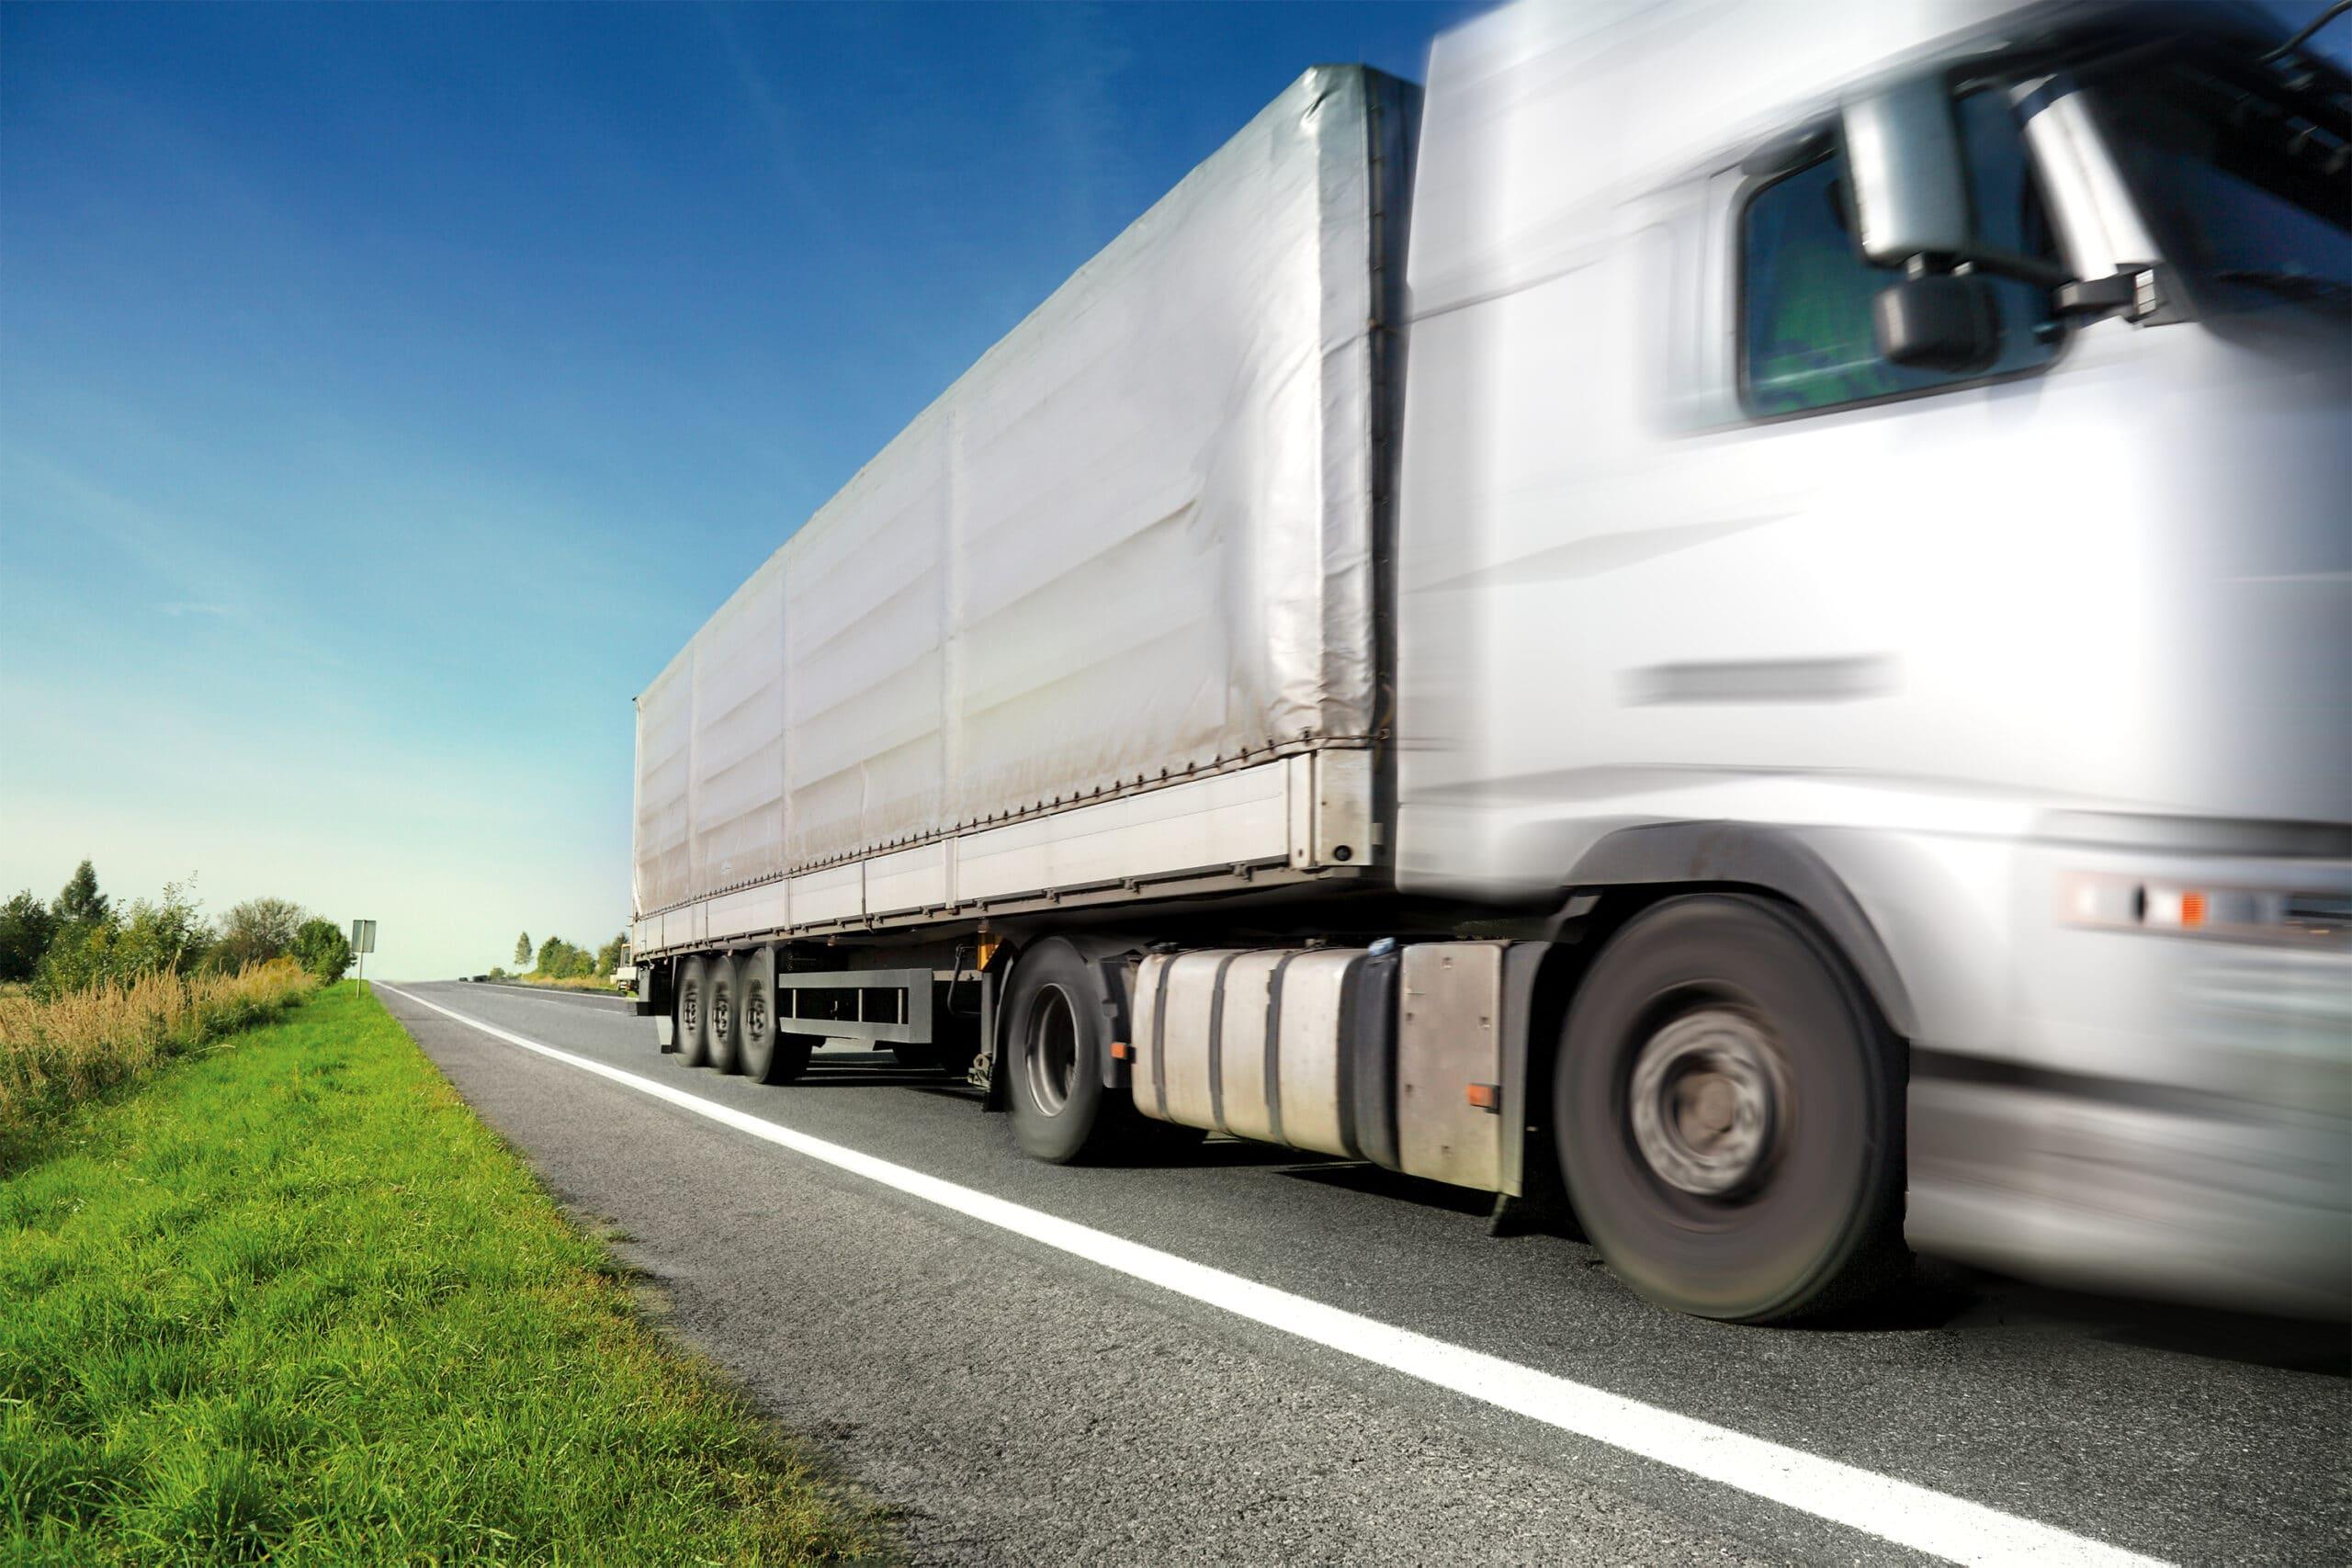 accise-gasolio-autotrasporti-agenzia-dogane